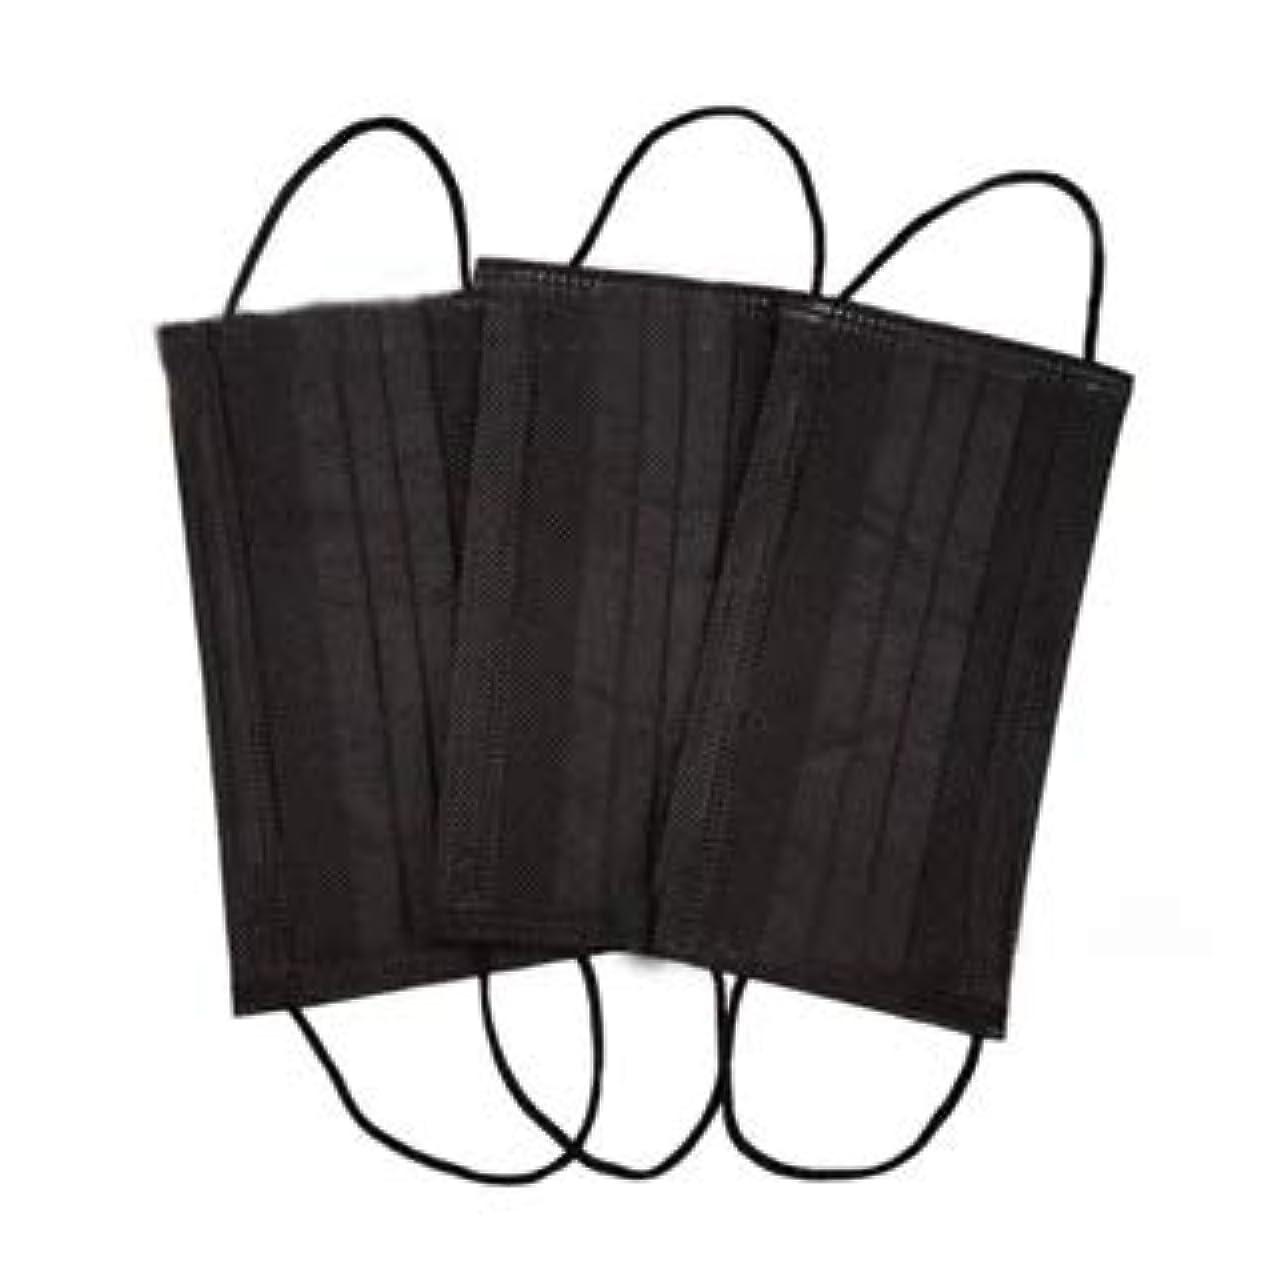 人道的該当する嬉しいです使い捨てマスク ブラック 6枚入り 不織布 フェイスマスク mask 黒